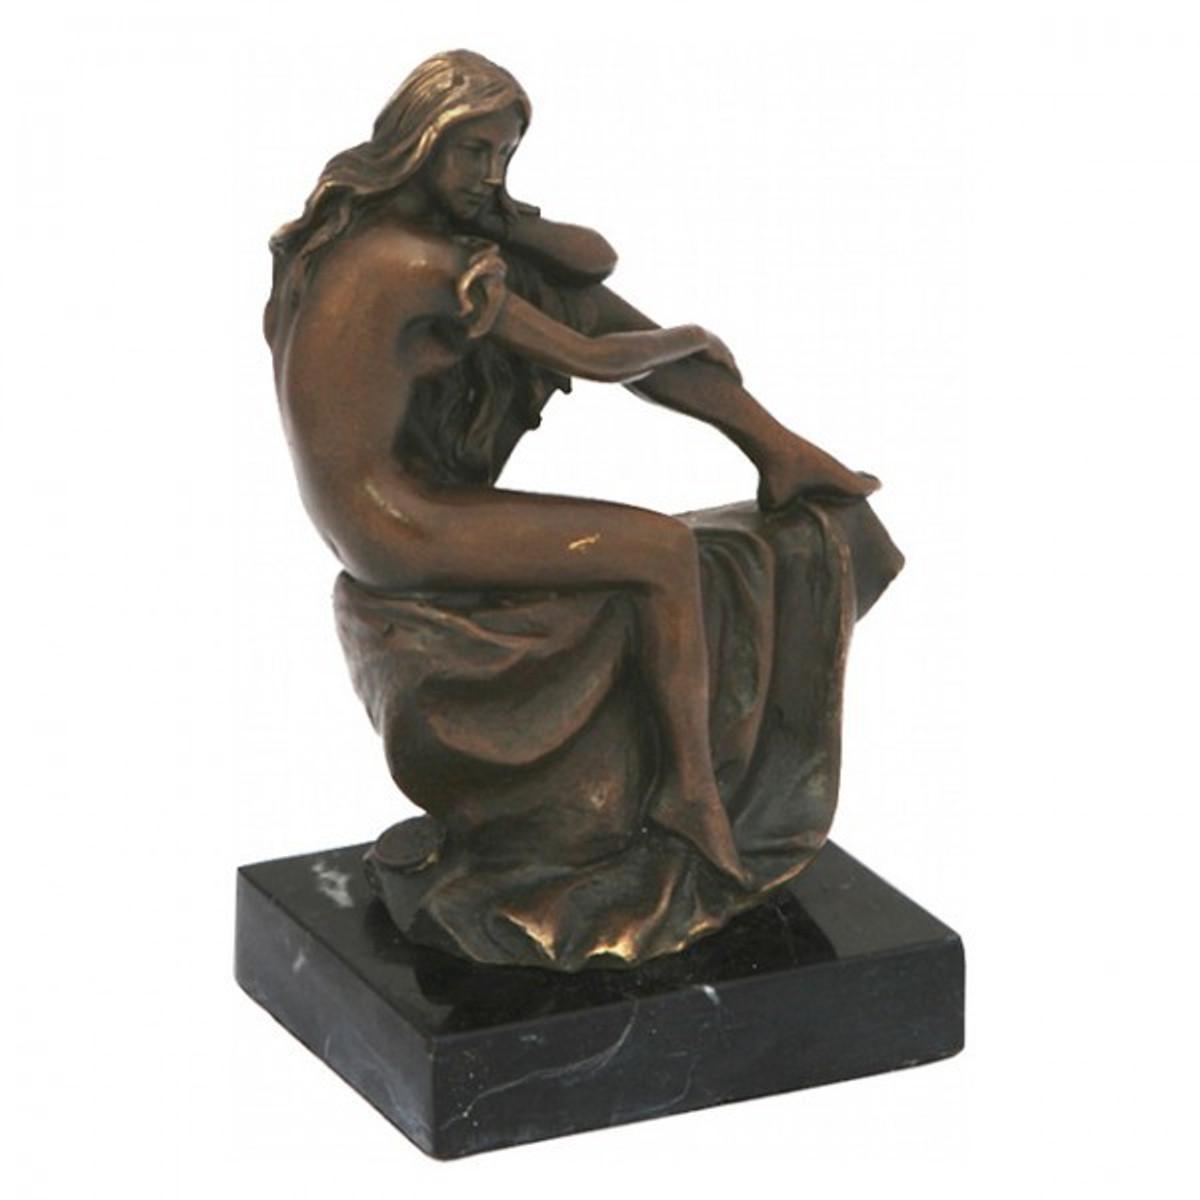 Reizende Frau Bronze Statue mit wallenden Haaren als ansehendliche Deko Figur.